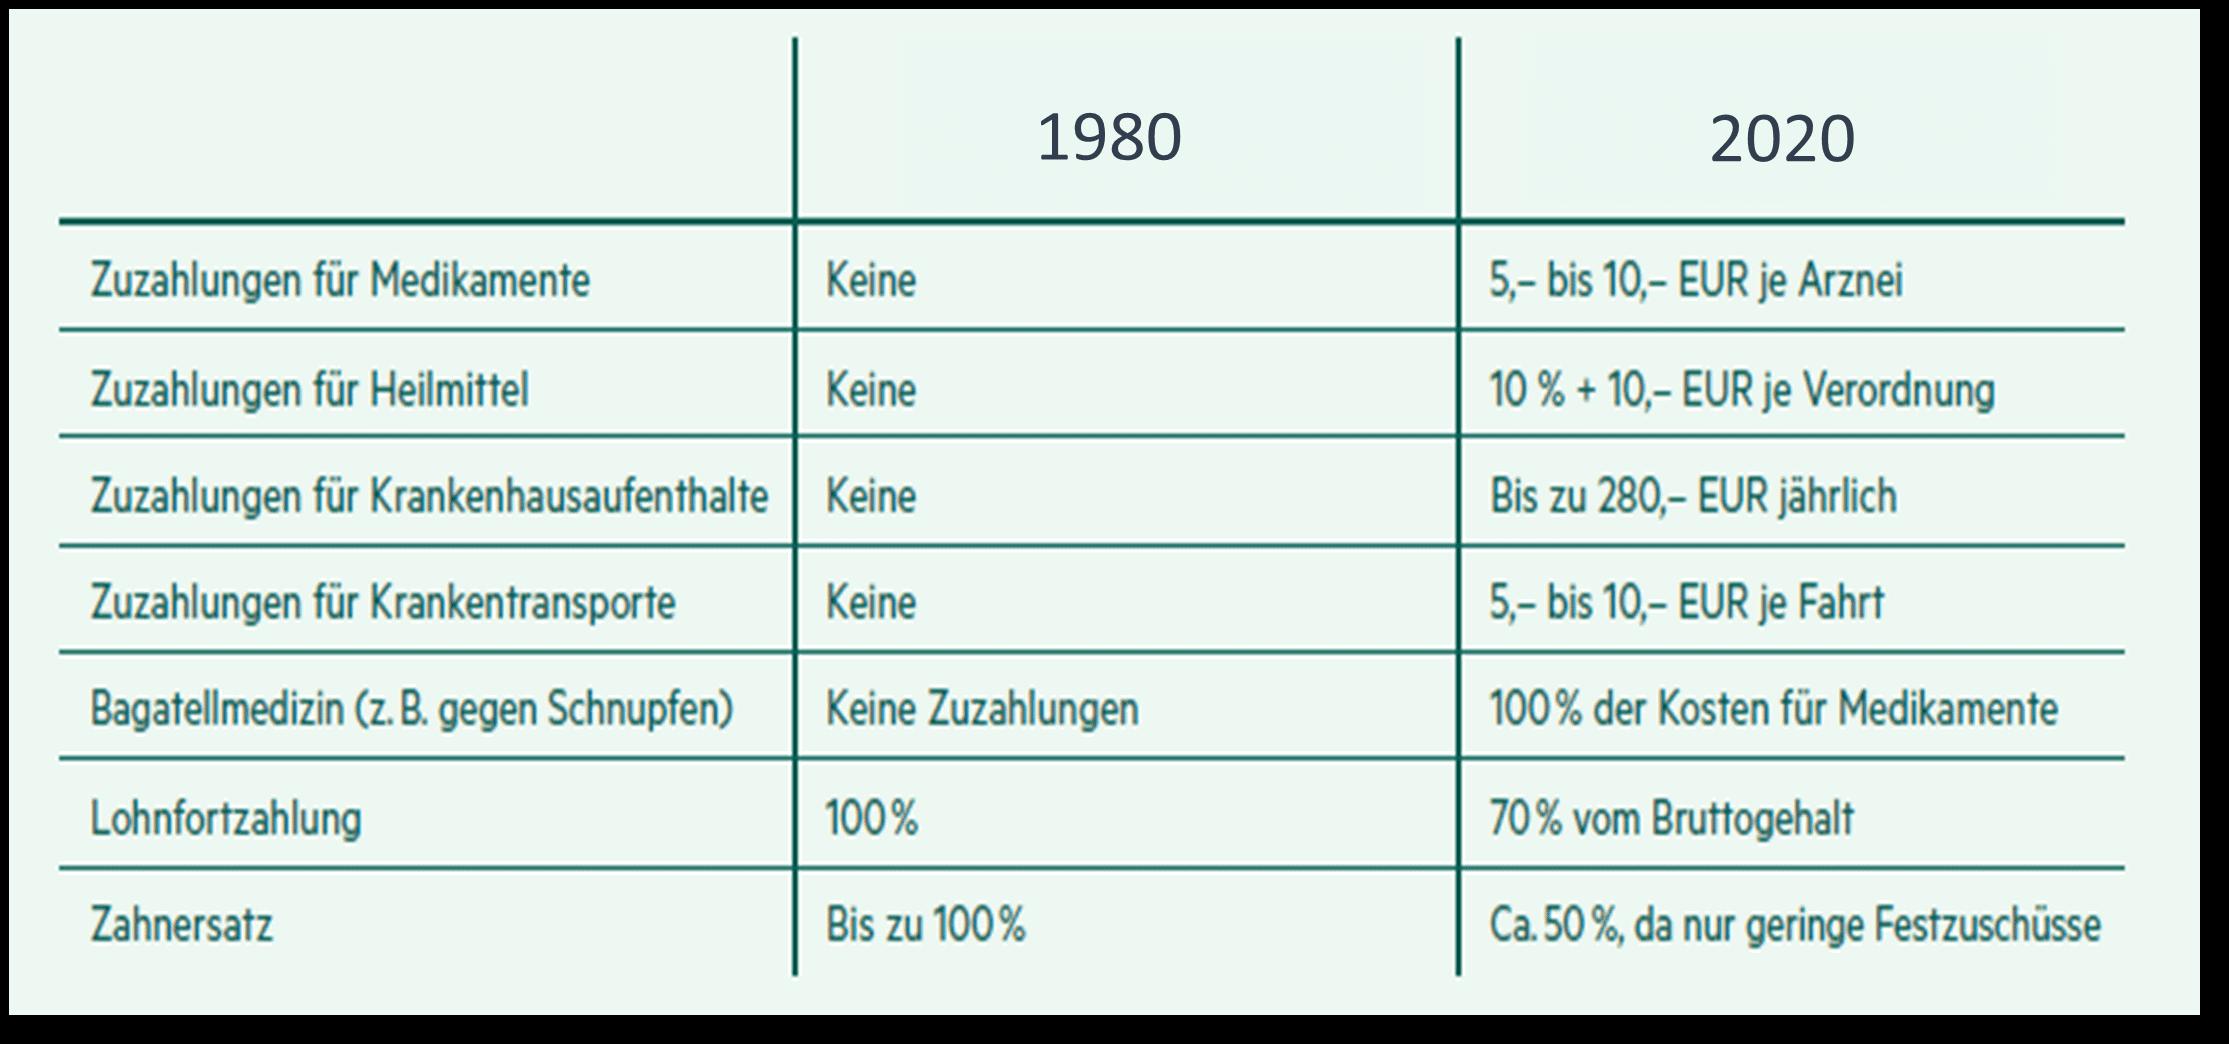 Zuzahlungen GKV 1980 vs. 2020